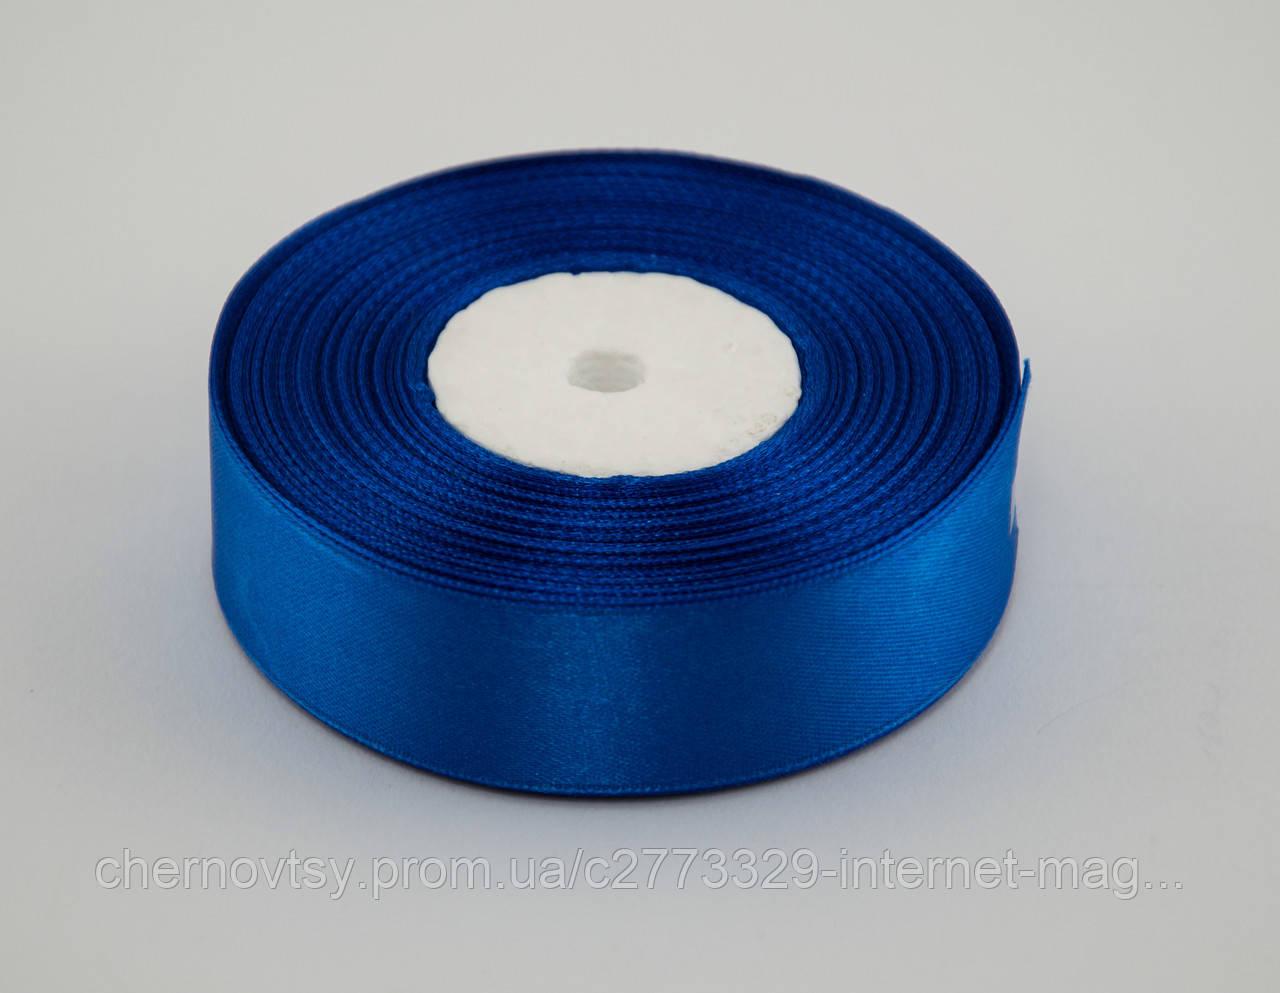 Лента атлас 1.2 см, 33 м, № 40 синяя